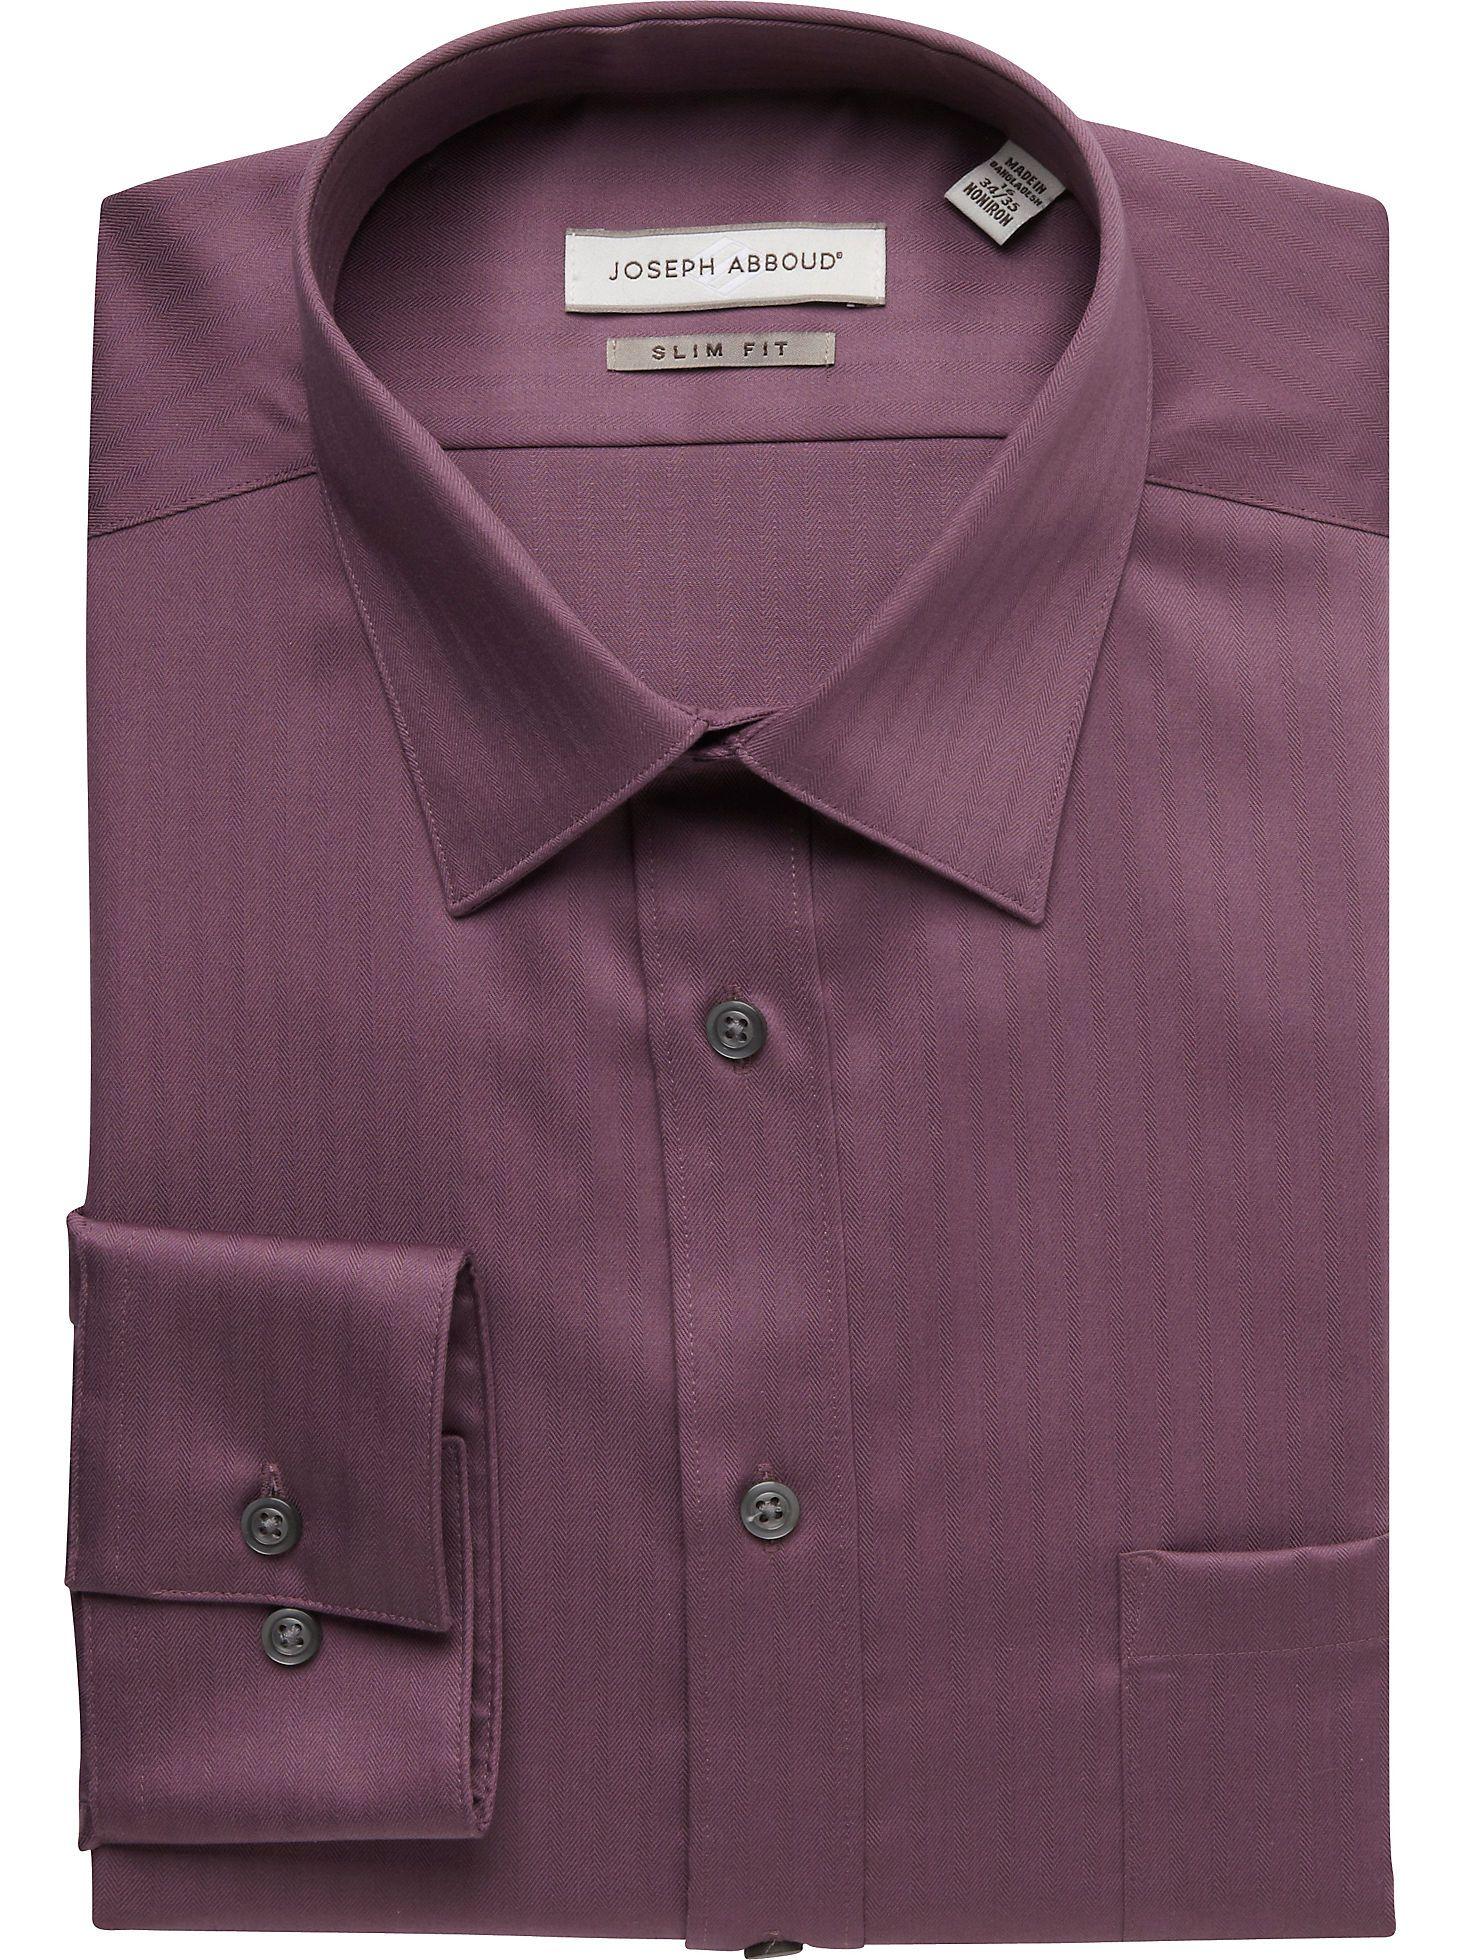 0c2fe849acf Dress Shirts - Joseph Abboud Mauve Slim Fit Dress Shirt - Men s Wearhouse